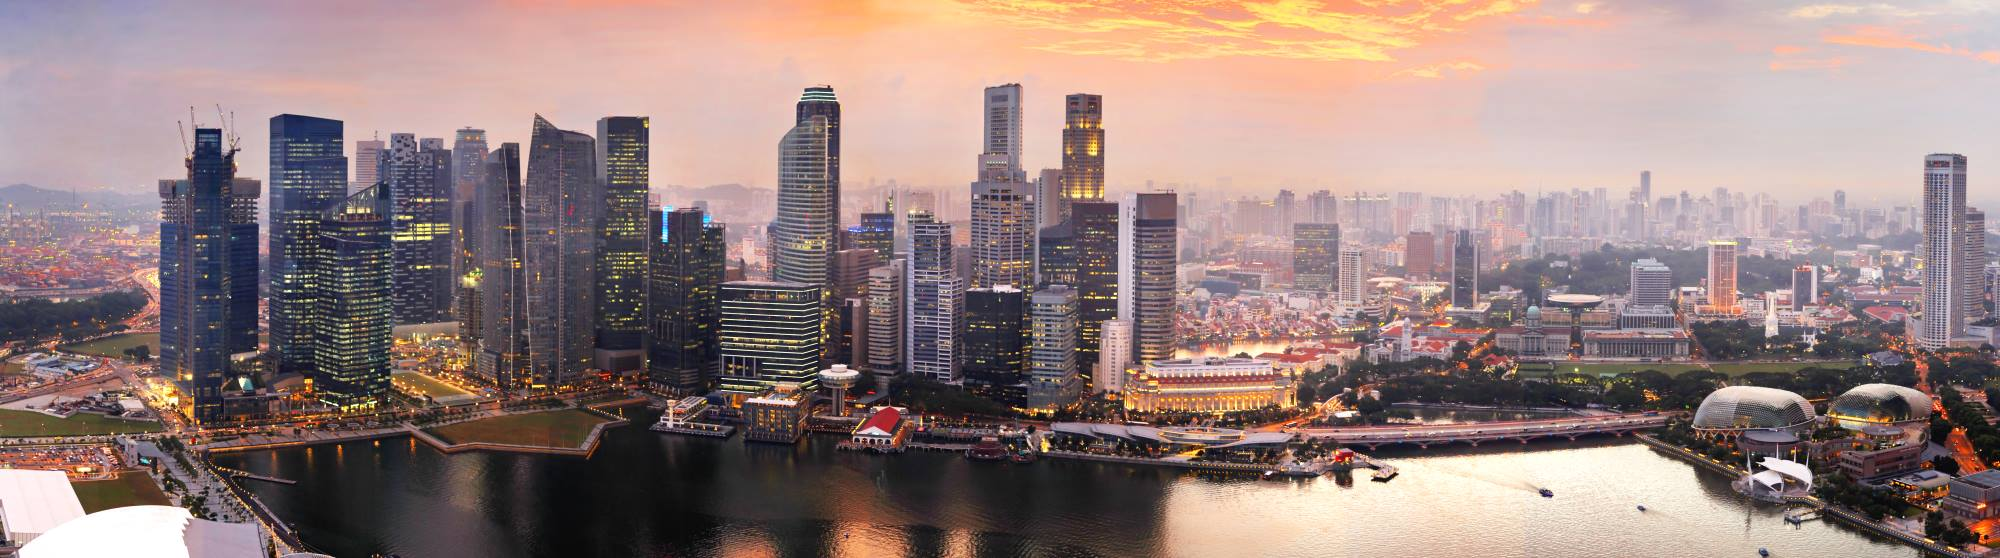 singapore-optimised